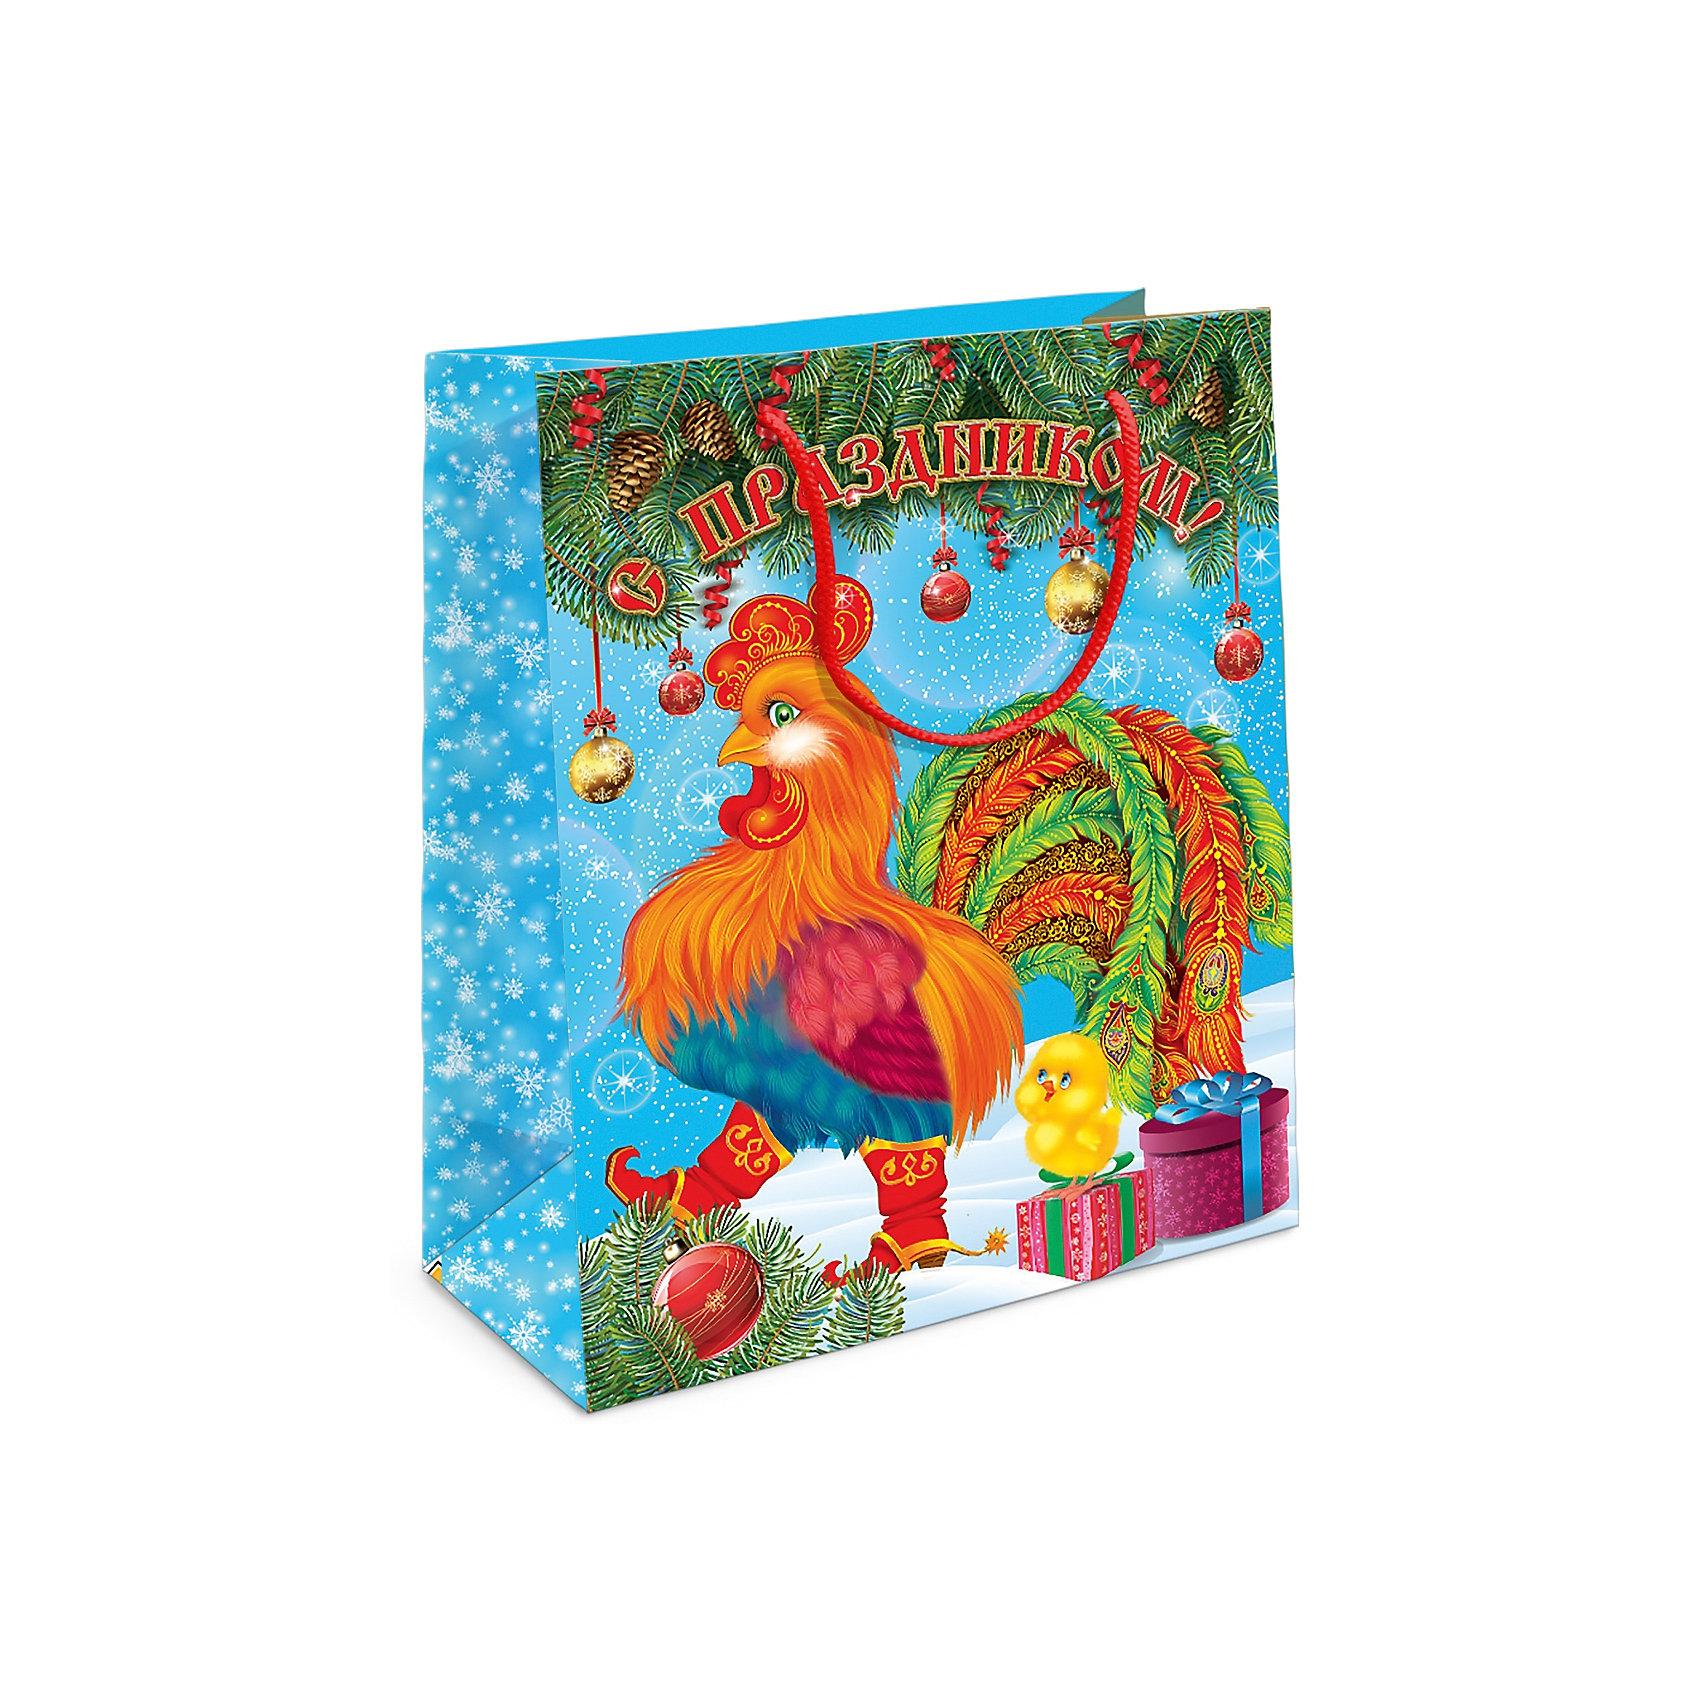 Подарочный пакет Петух 230*180*100 ммПодарочный бумажный пакет «Петух» с очаровательным символом 2017 года празднично украсит подарок и создаст новогоднее настроение. Размер: 23х18х10 см. В ассортименте вы сможете найти такой же пакет размером 35х25х9 см.<br><br>Ширина мм: 230<br>Глубина мм: 180<br>Высота мм: 3<br>Вес г: 40<br>Возраст от месяцев: 36<br>Возраст до месяцев: 2147483647<br>Пол: Унисекс<br>Возраст: Детский<br>SKU: 5076630